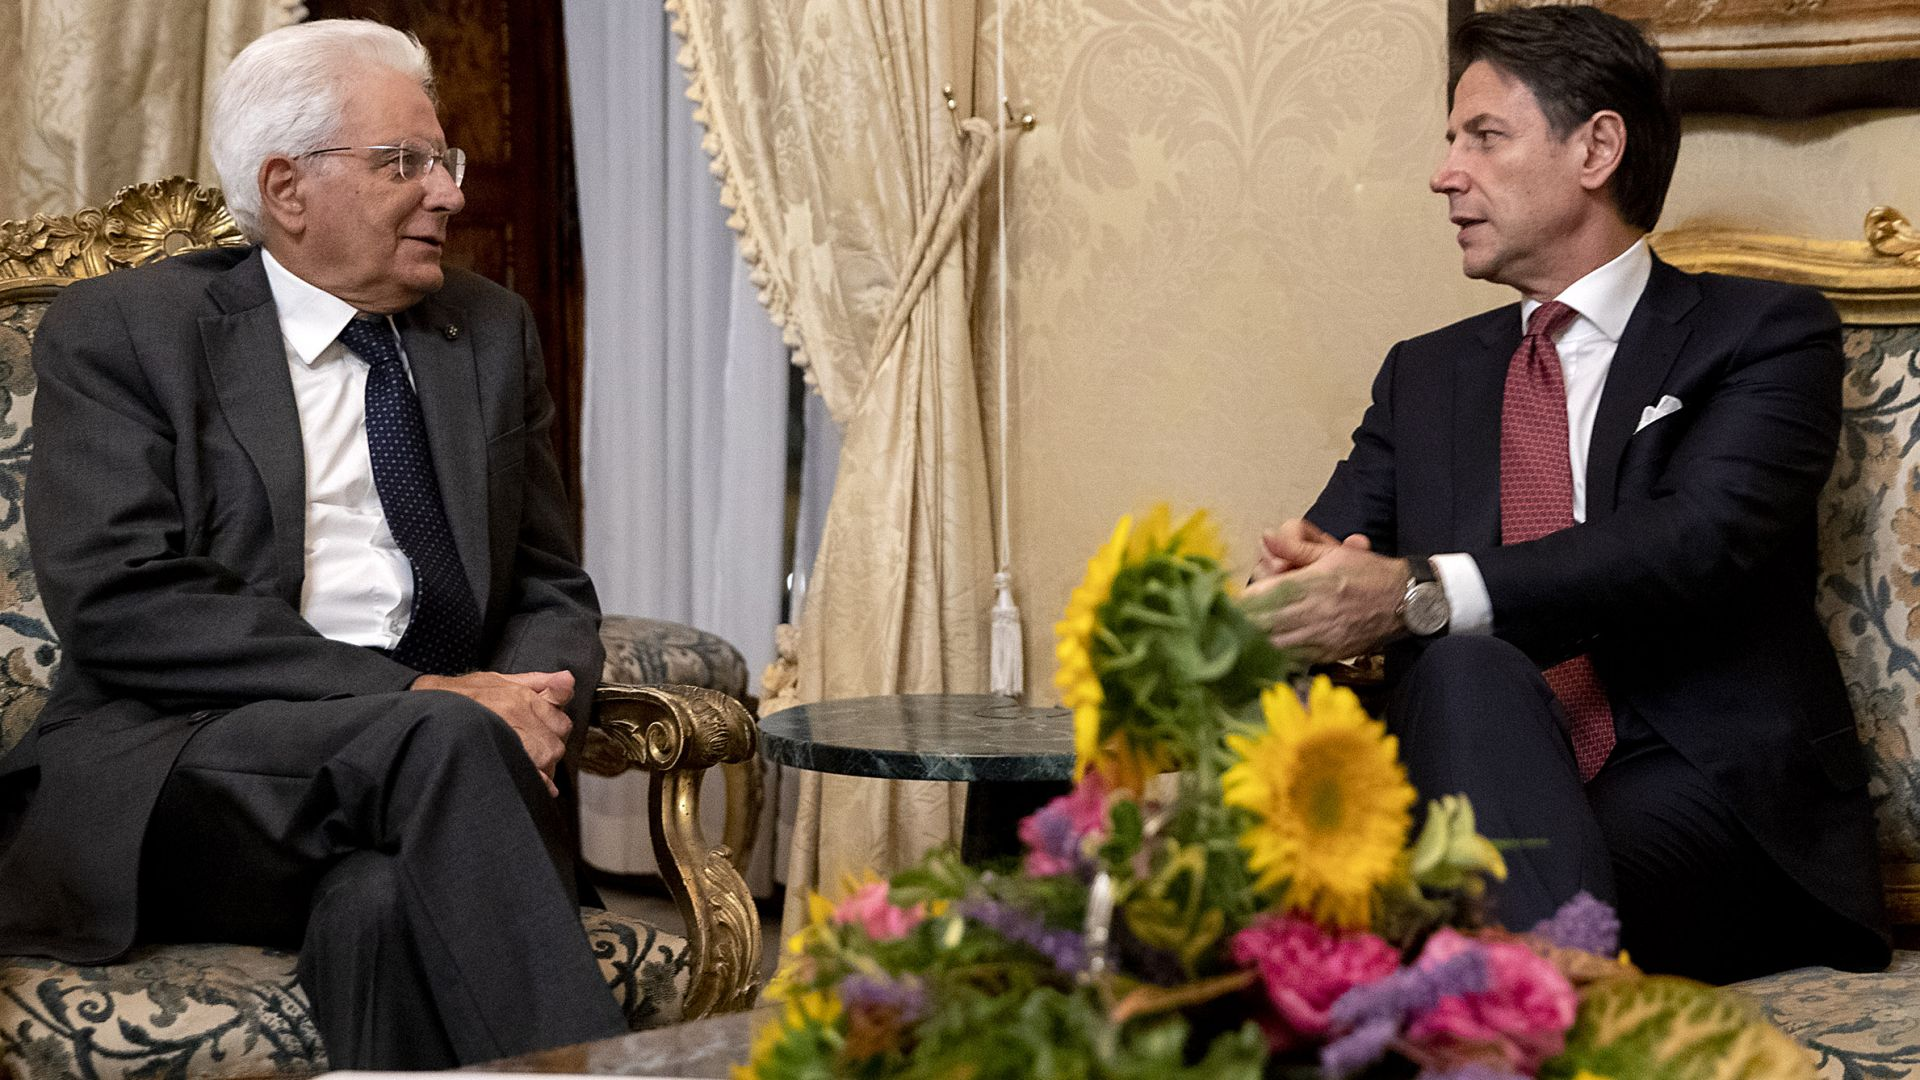 Кризата в Италия: Президентът започва консултации след премиерската оставка